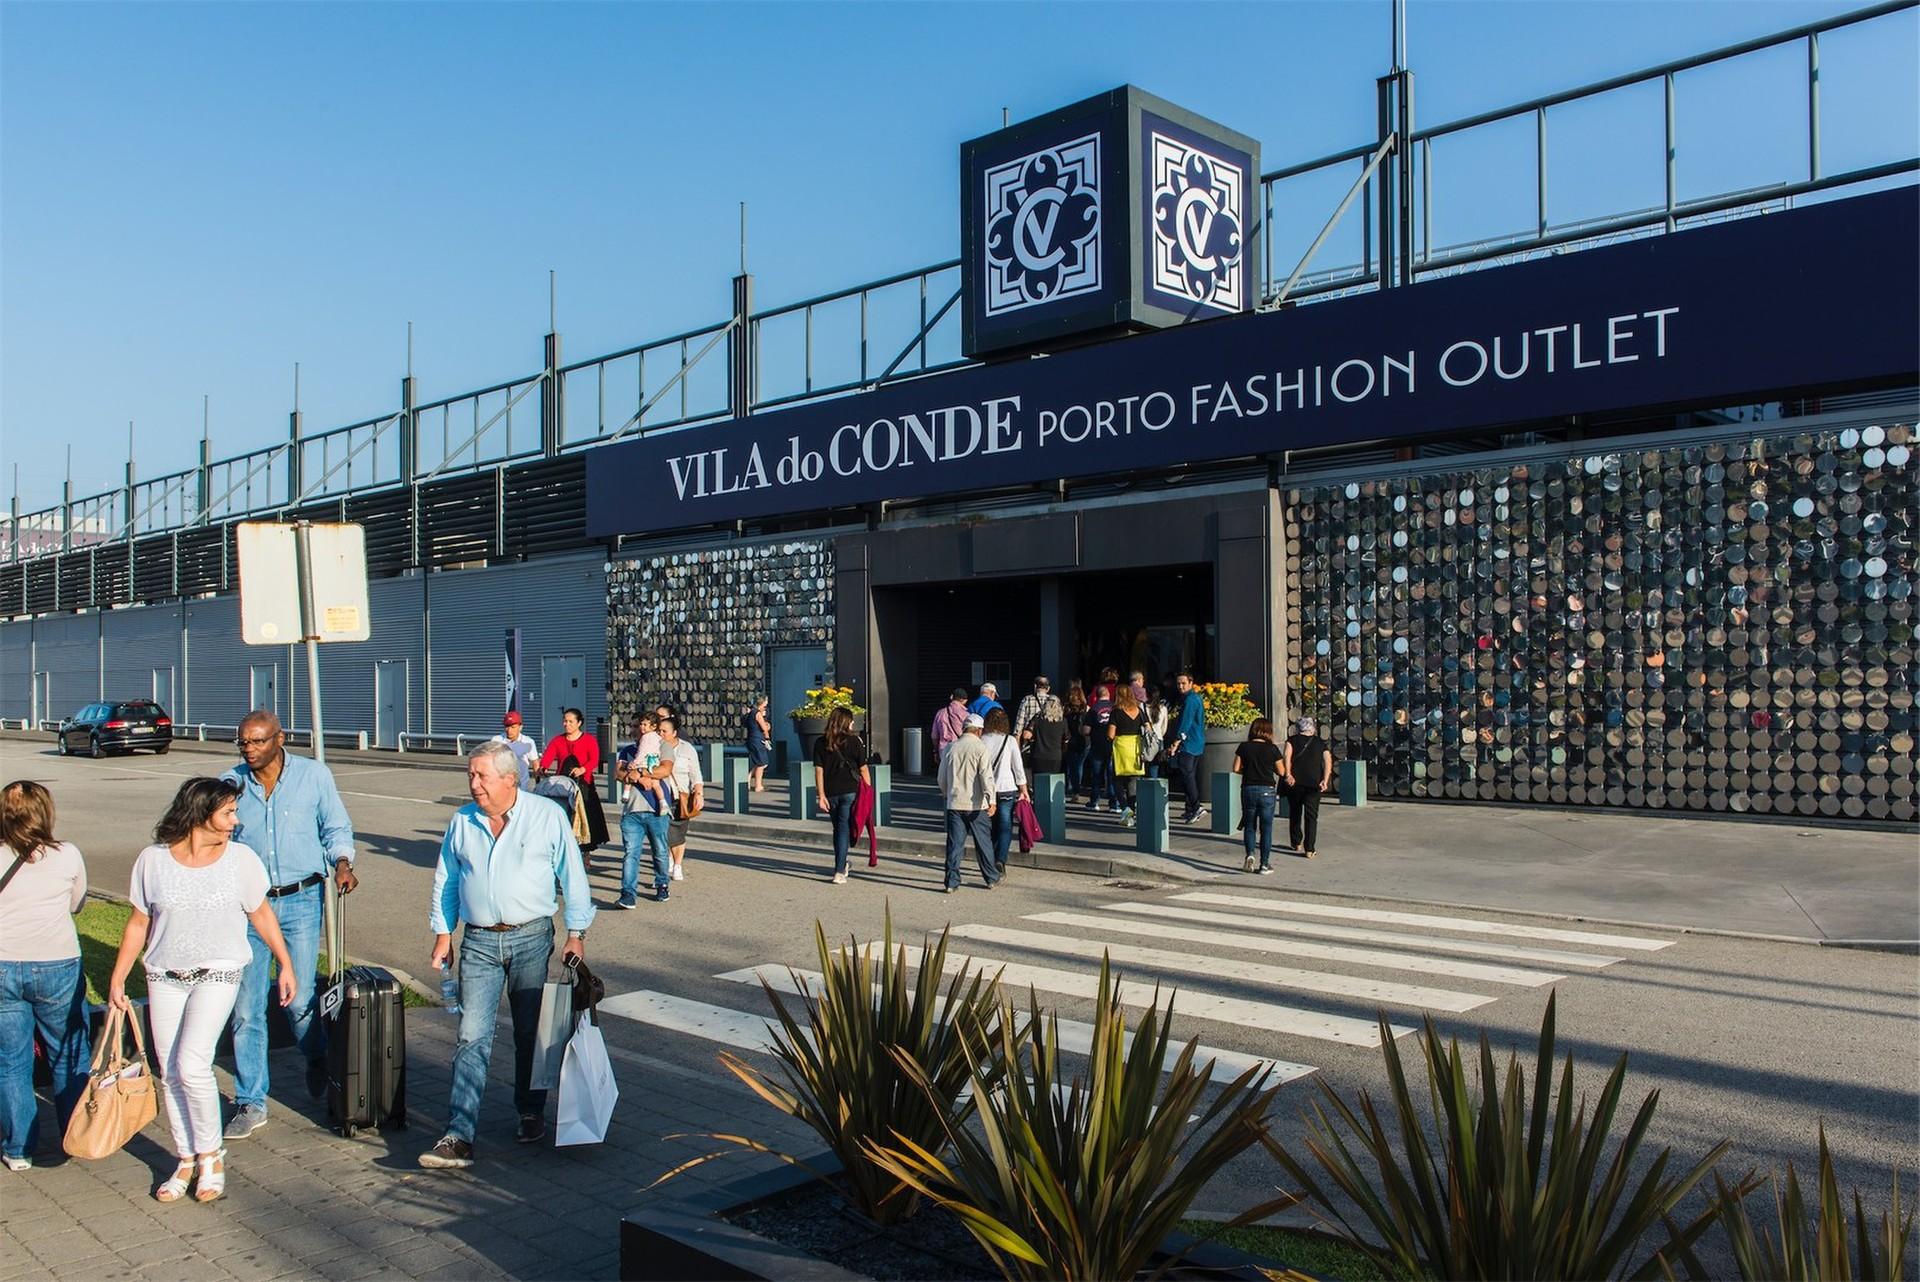 Dar absceso navegación  Vila do Conde Outlet vai ser todo renovado (e terá novas lojas com  descontos)